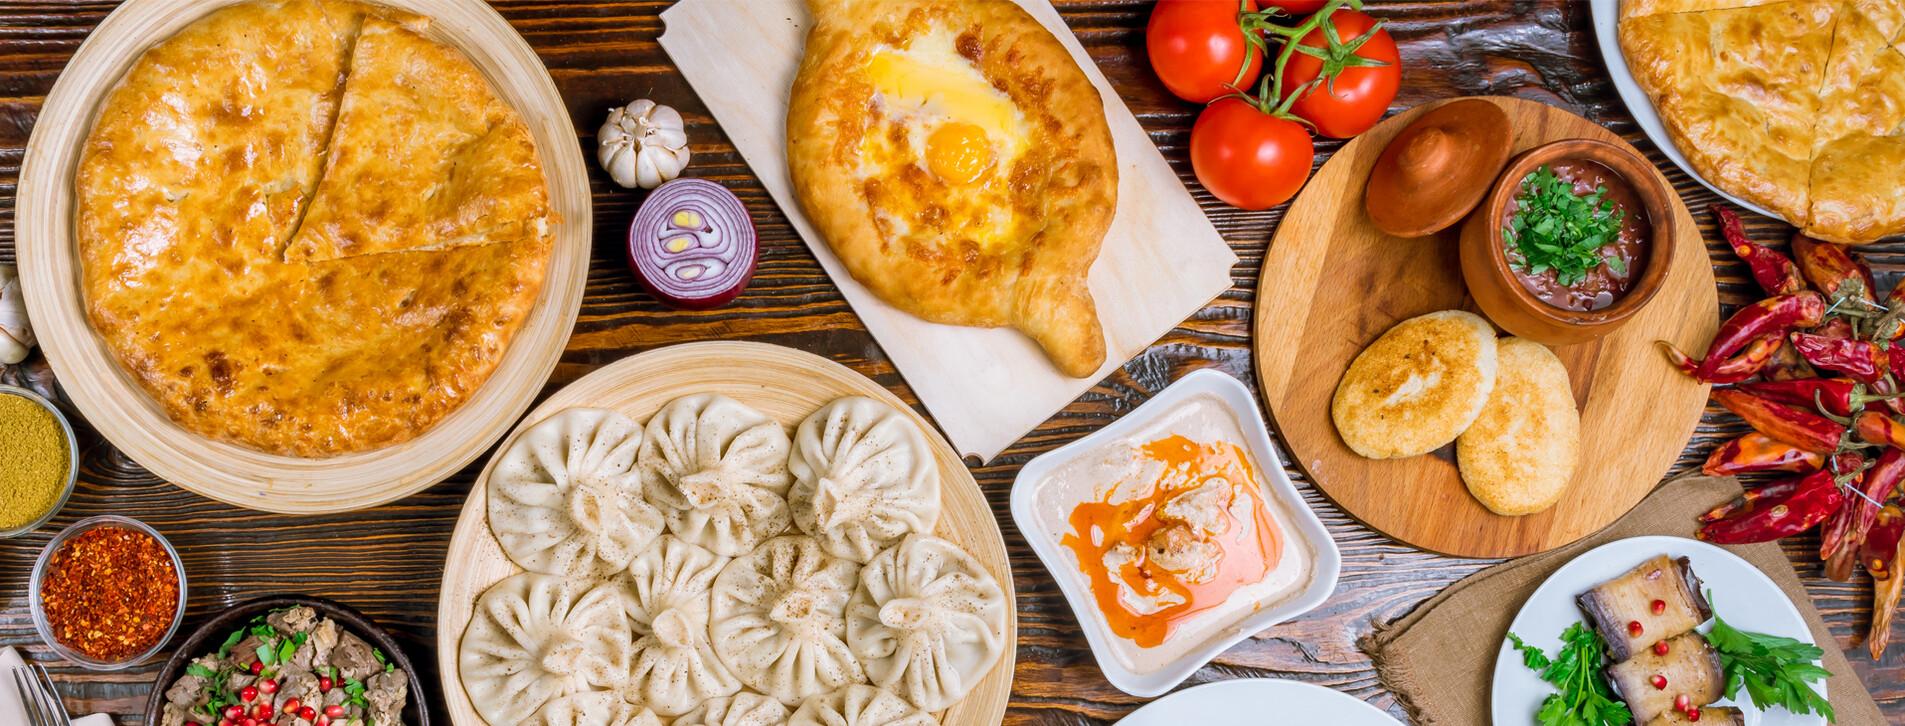 Фото 1 - Ужин в грузинском ресторане